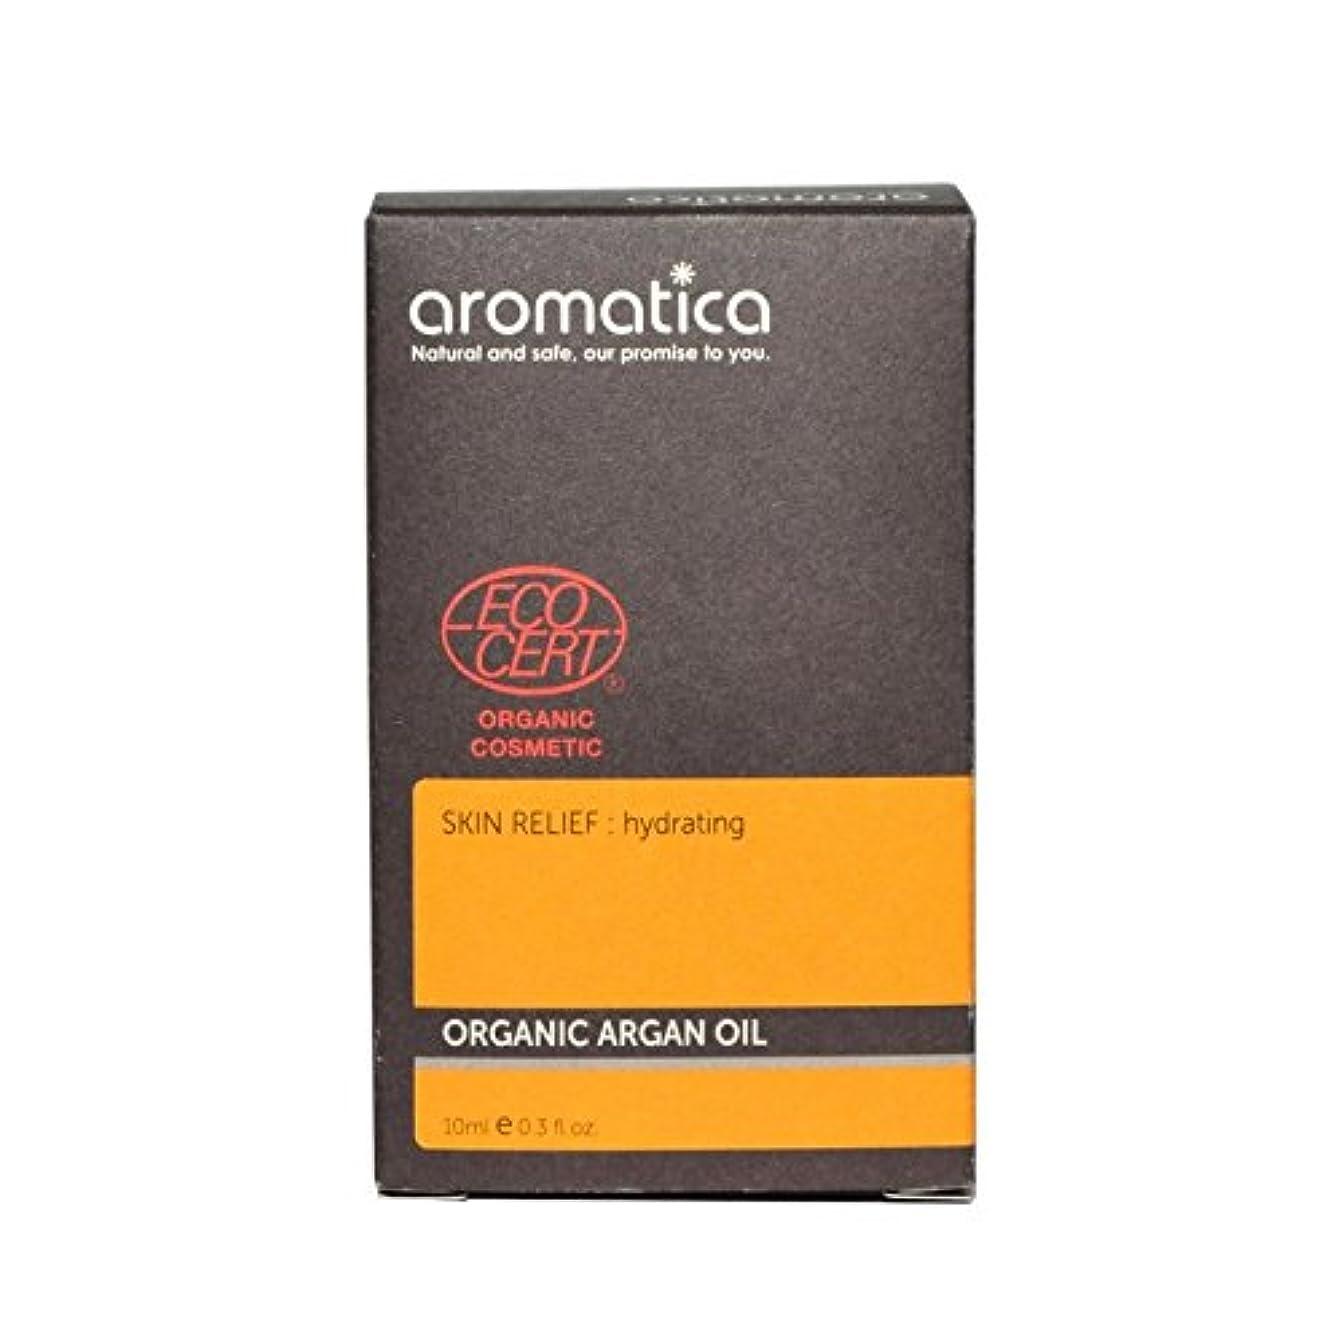 トラフィック住むキャラバンaromatica Organic Argan Oil 10ml - オーガニックアルガンオイル10ミリリットル [並行輸入品]